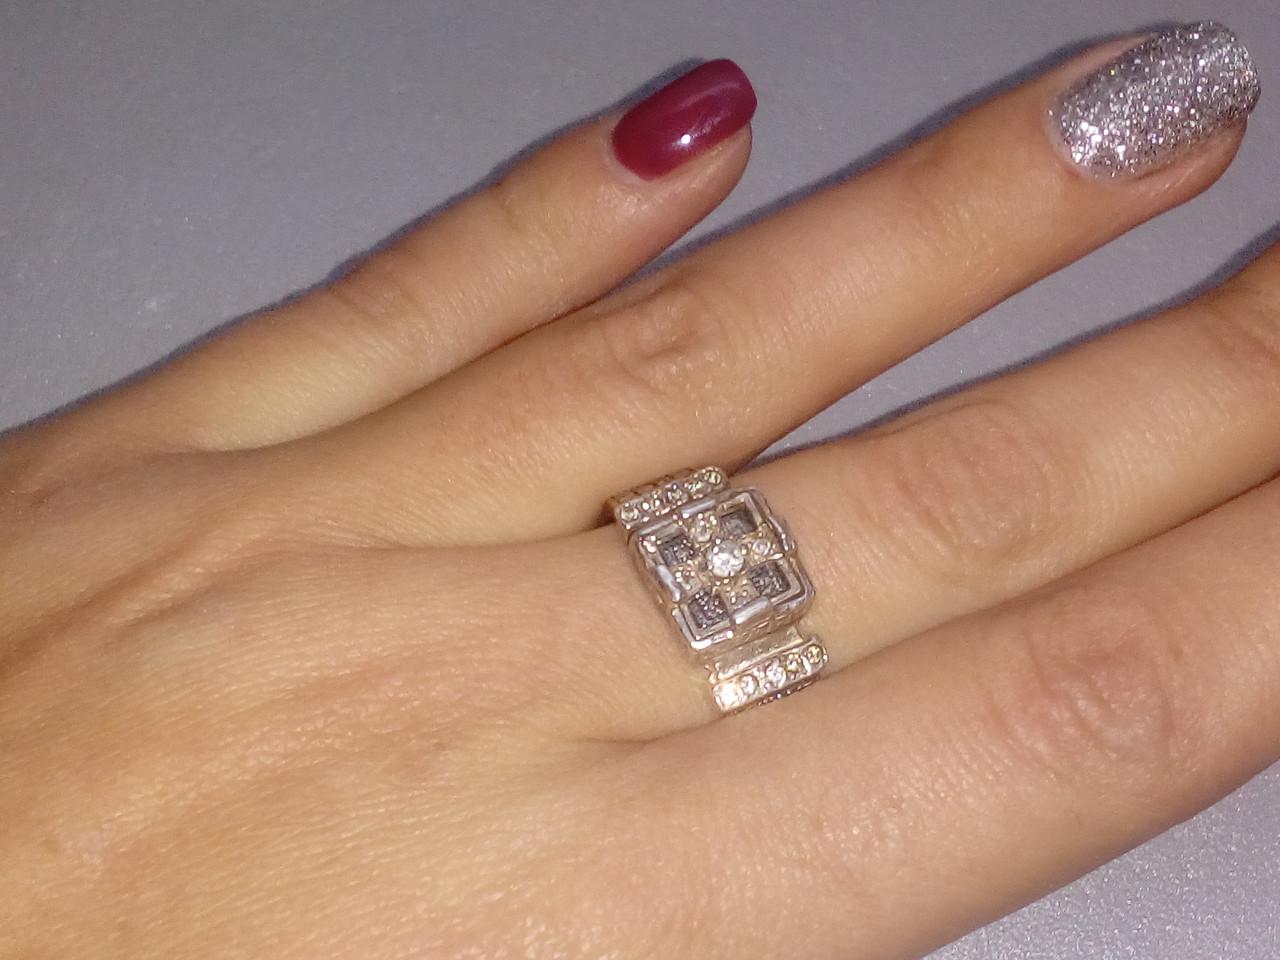 Кольцо из серебра 925 пробы, серебряное кольцо 20 размер